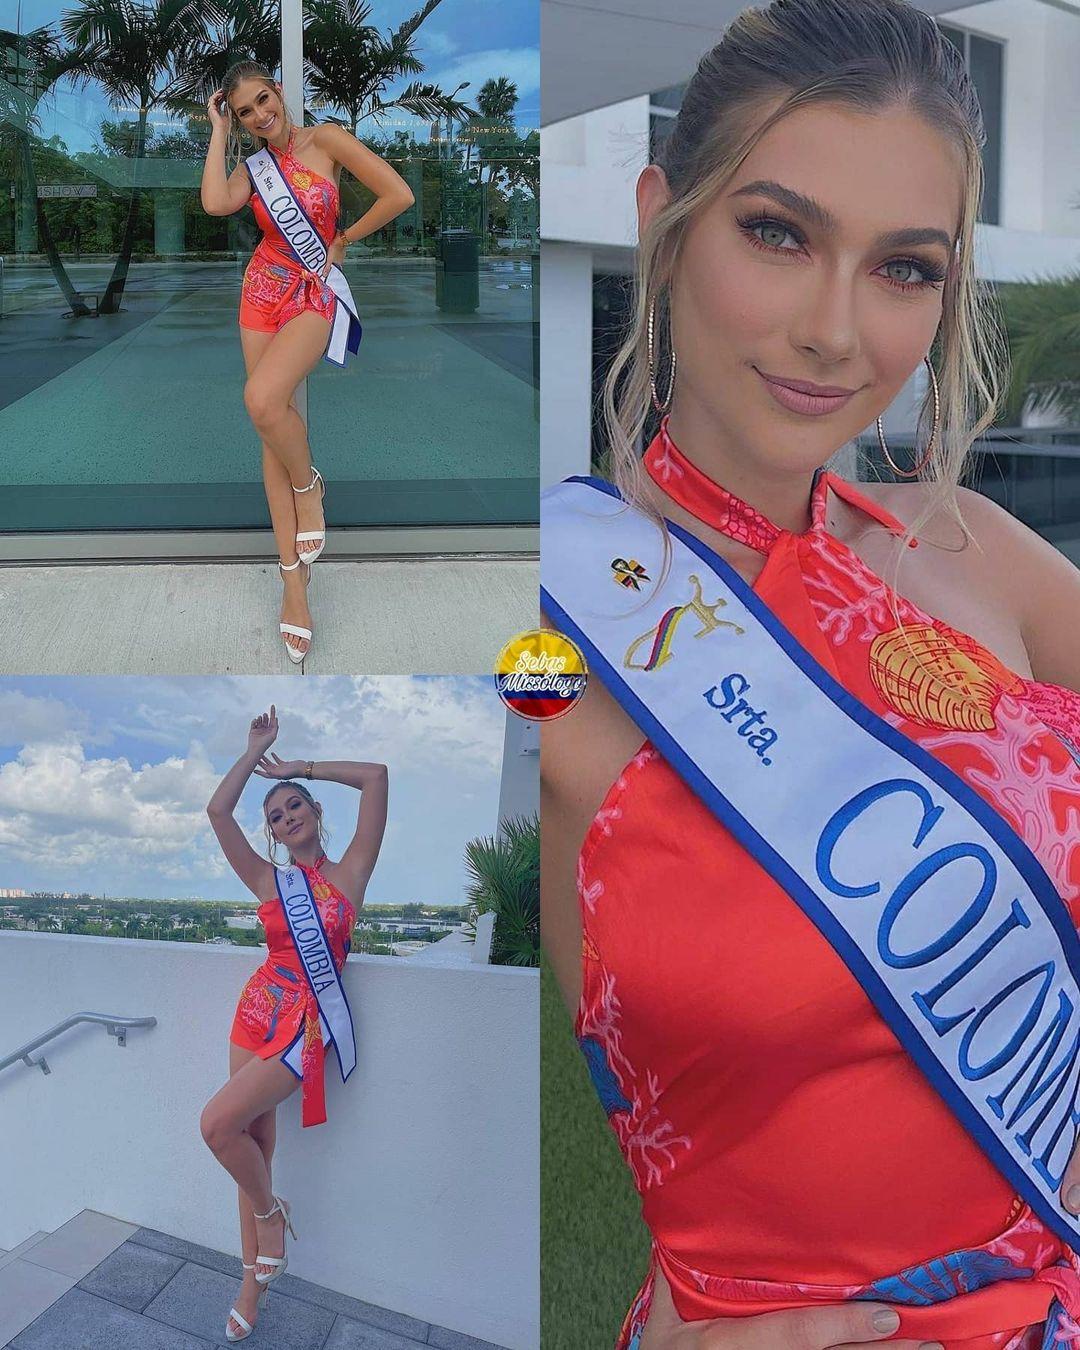 Nuestra Srta. Colombia deleitándonos con su belleza desde Miami en en la Swim Week, donde asiste como imagen de @chamela_us, marca patrocinadora del Concurso Nacional de Belleza. 222017341_213811192_933732334139788_6764663143304520833_n-jpg-_nc_ht-scontent-gig2-1-cdnin